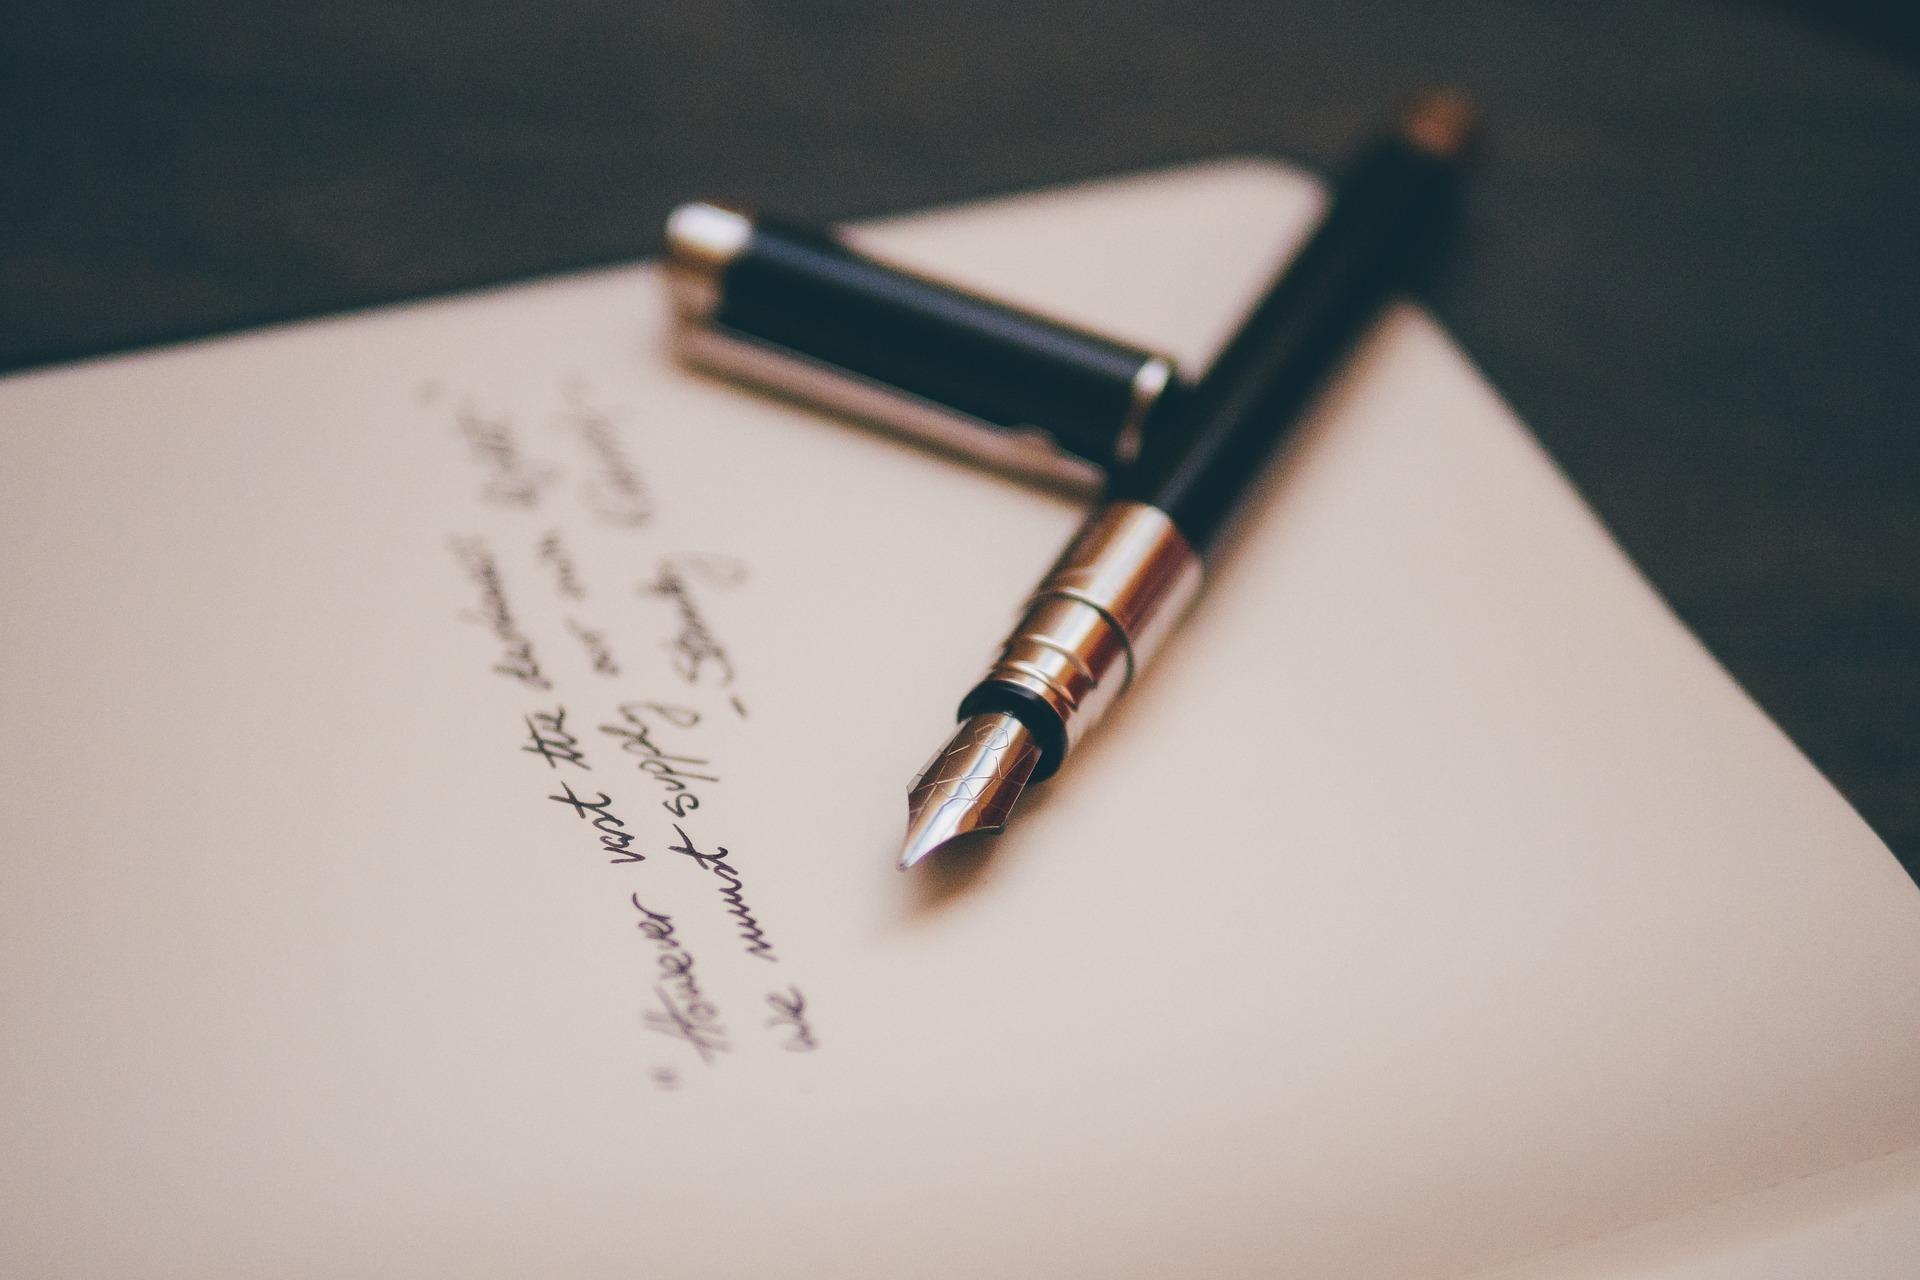 pluma escribir